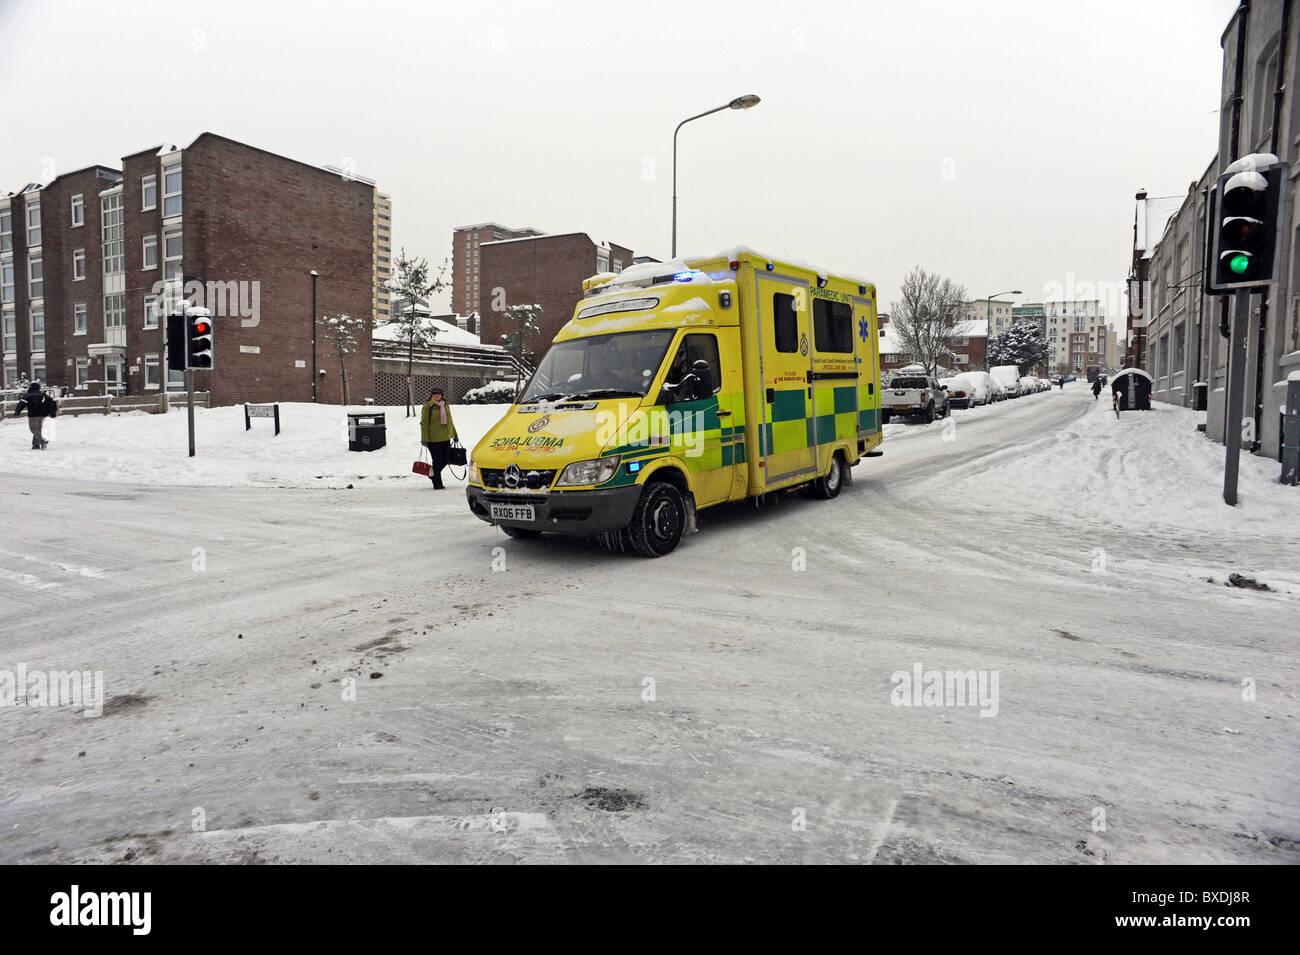 Un ambulanza in Brighton viaggi con cautela su le strade ghiacciate per rispondere ad una chiamata di emergenza Immagini Stock